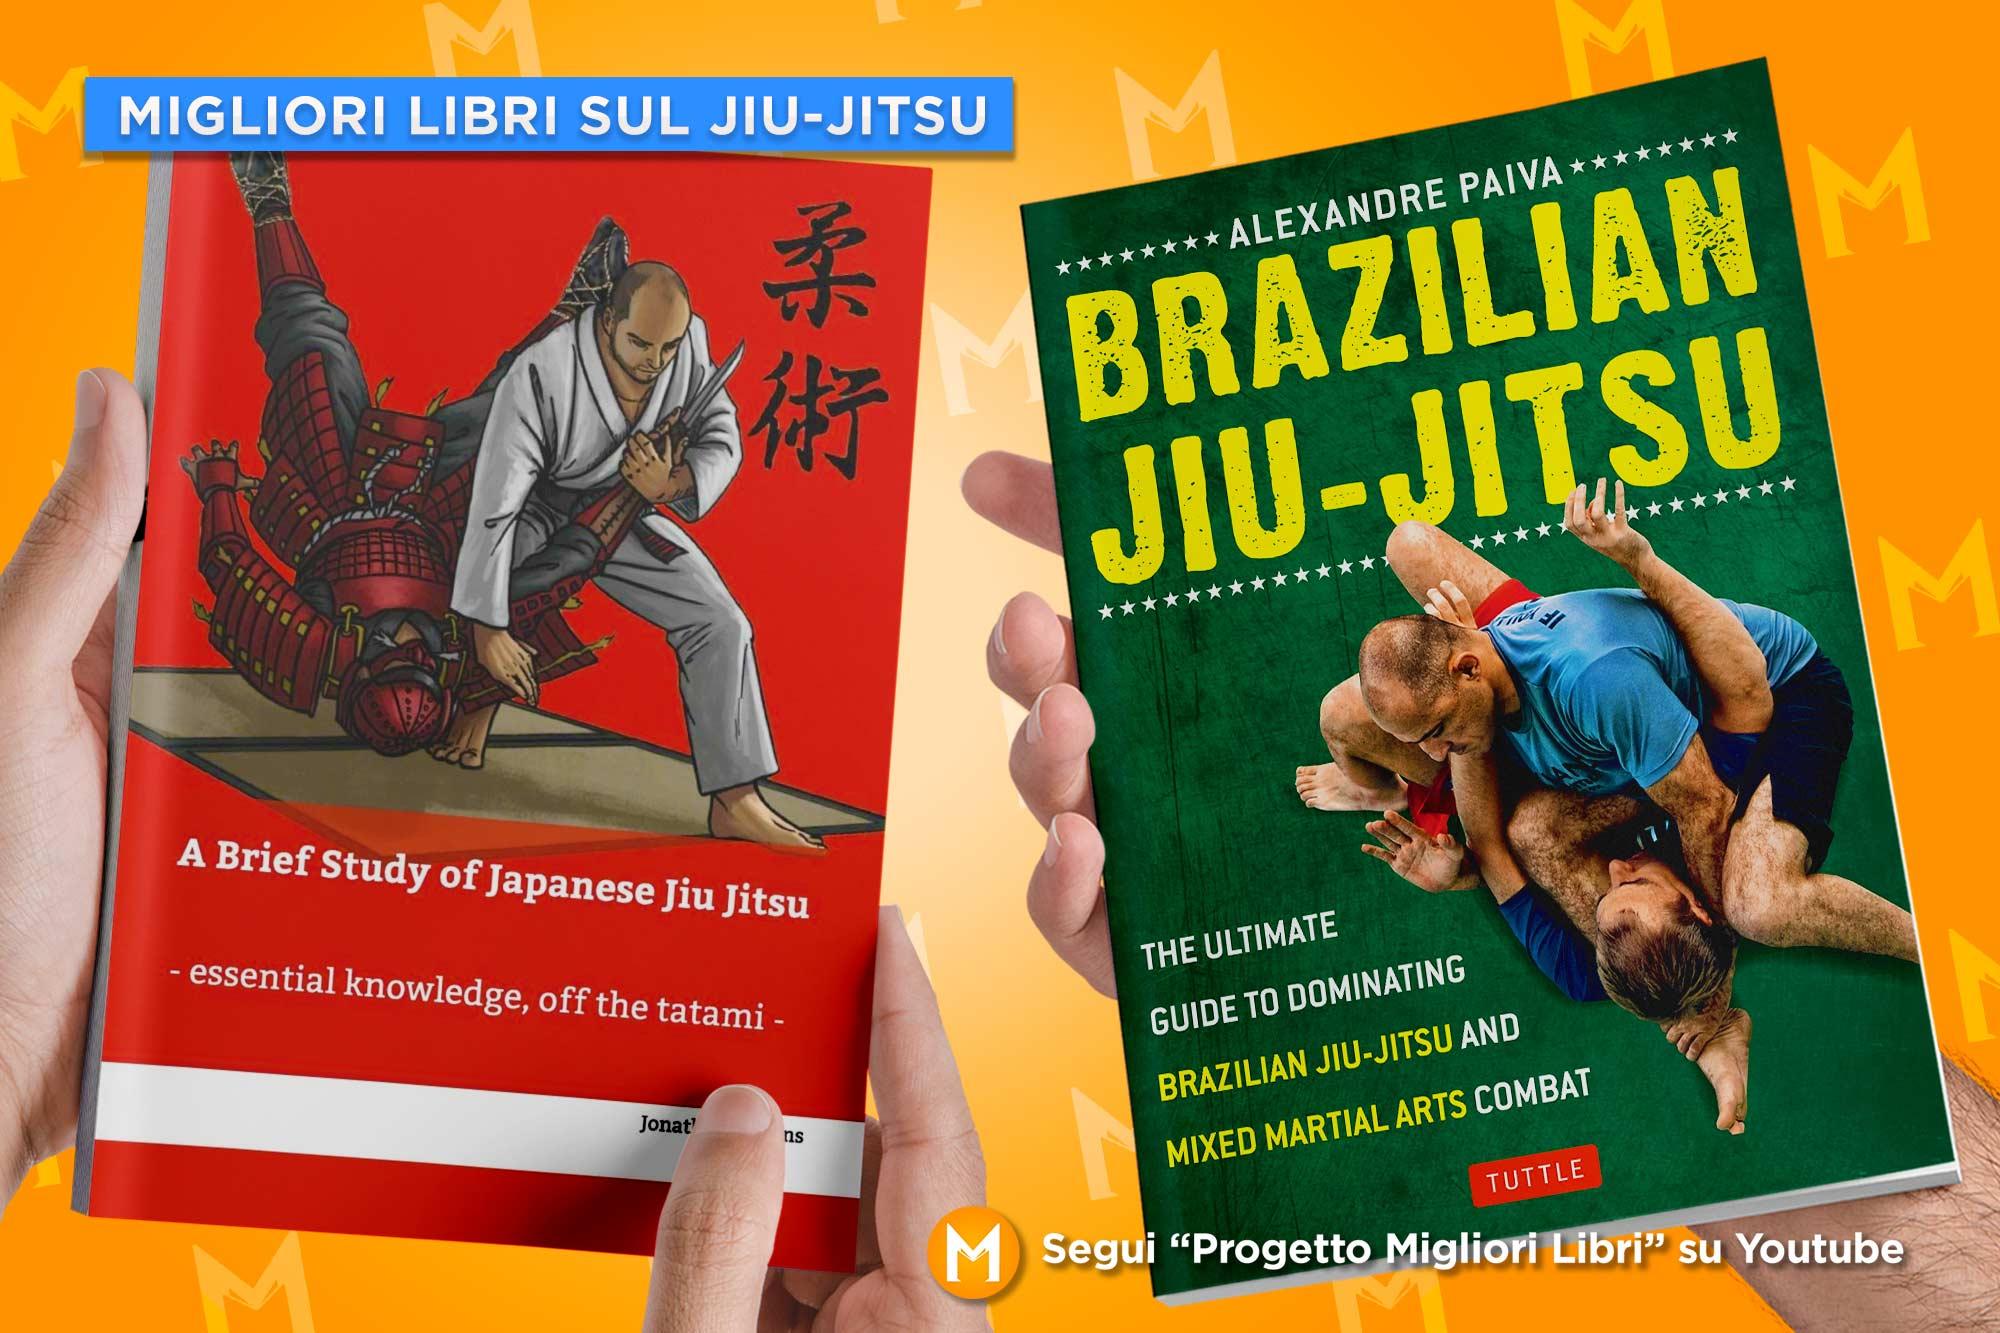 migliori-libri-sul-jiu-jitsu